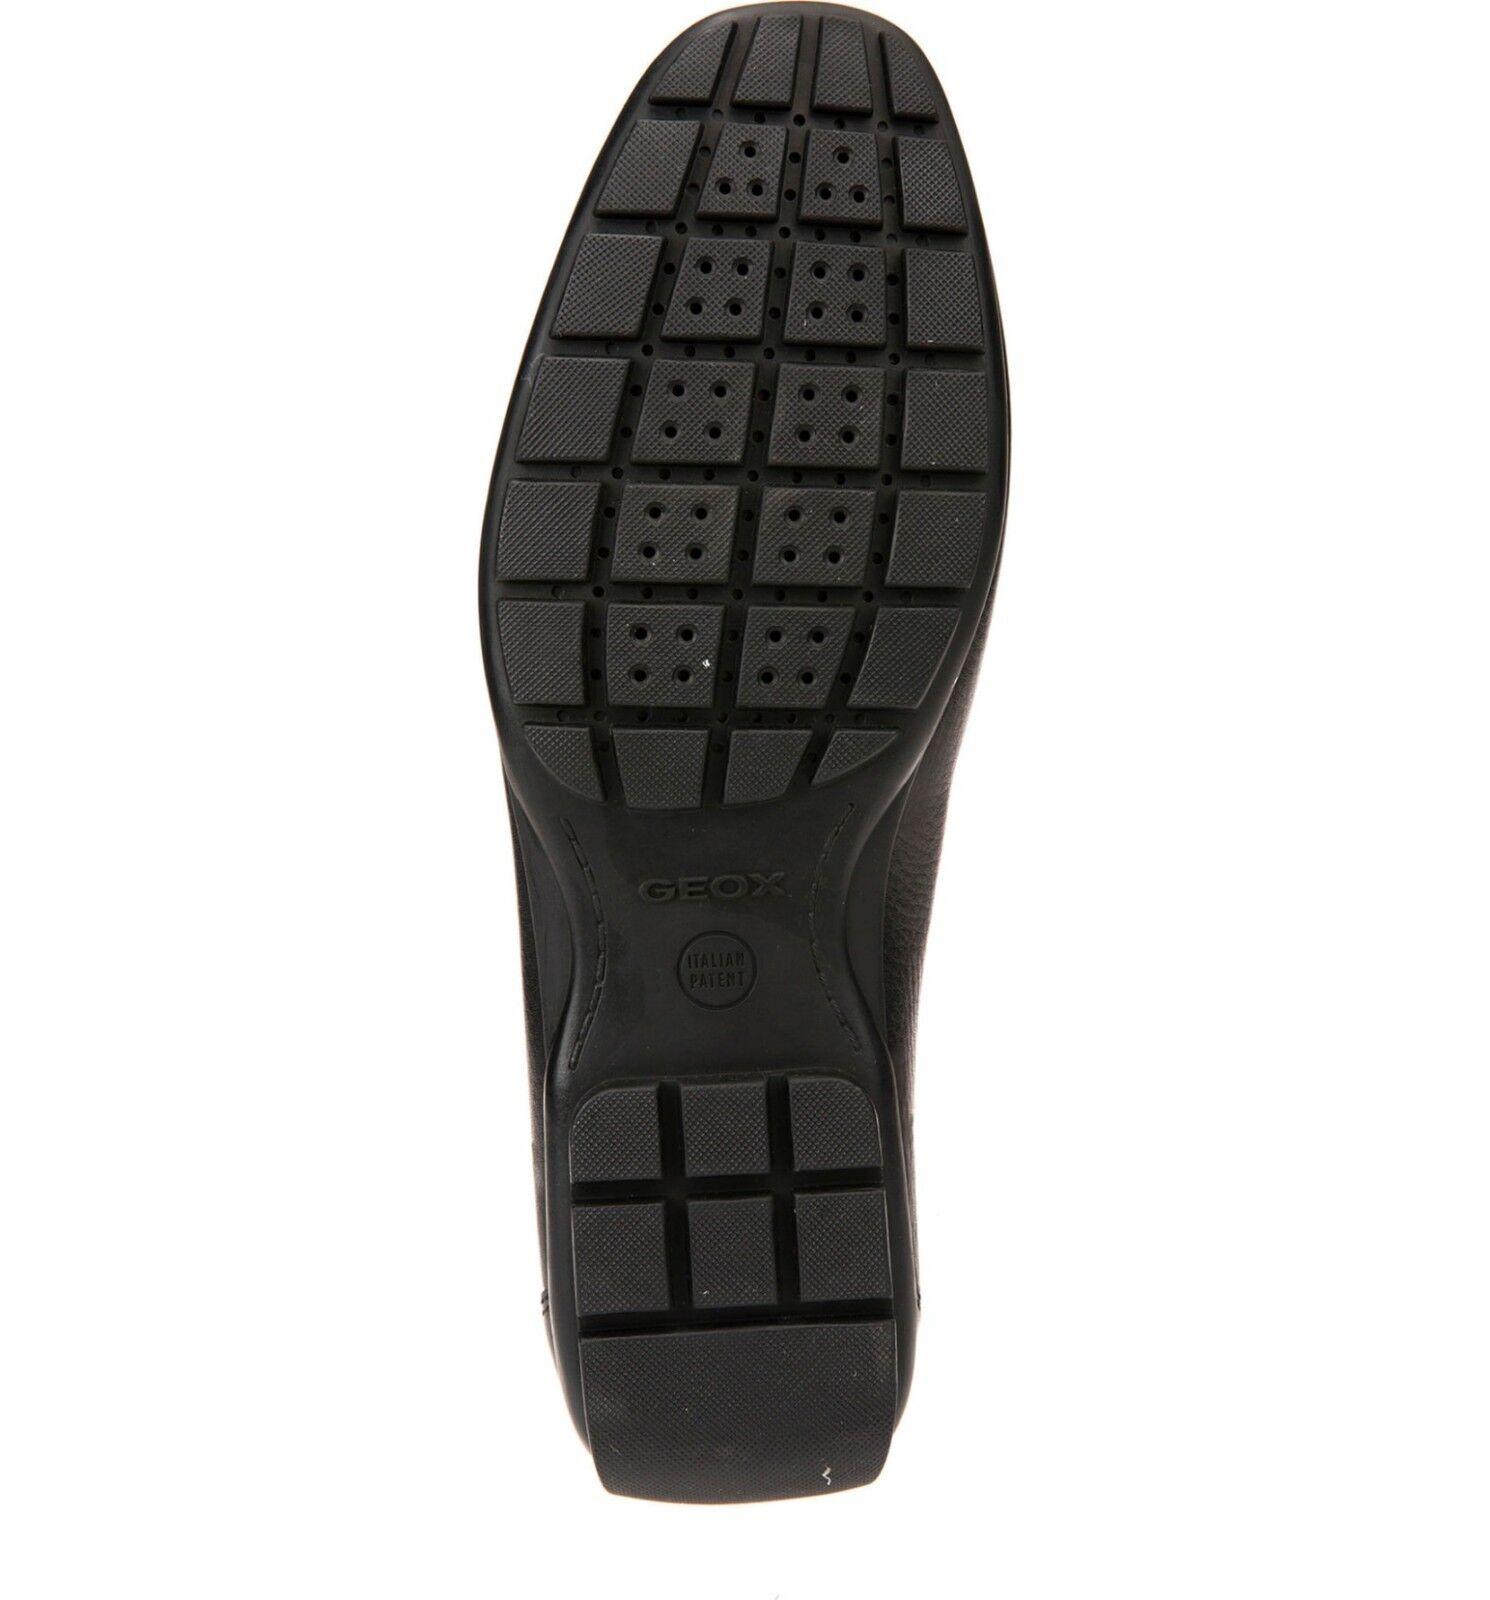 Geox Men's u Moner Mocassin Slip on penny Loafer shoes 2Fit A Black Leather